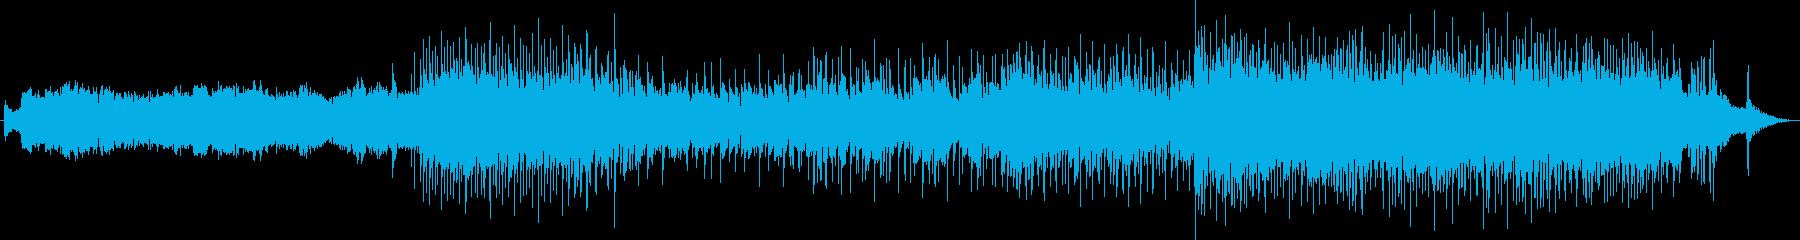 XJapanのようなタイプのハードロックの再生済みの波形